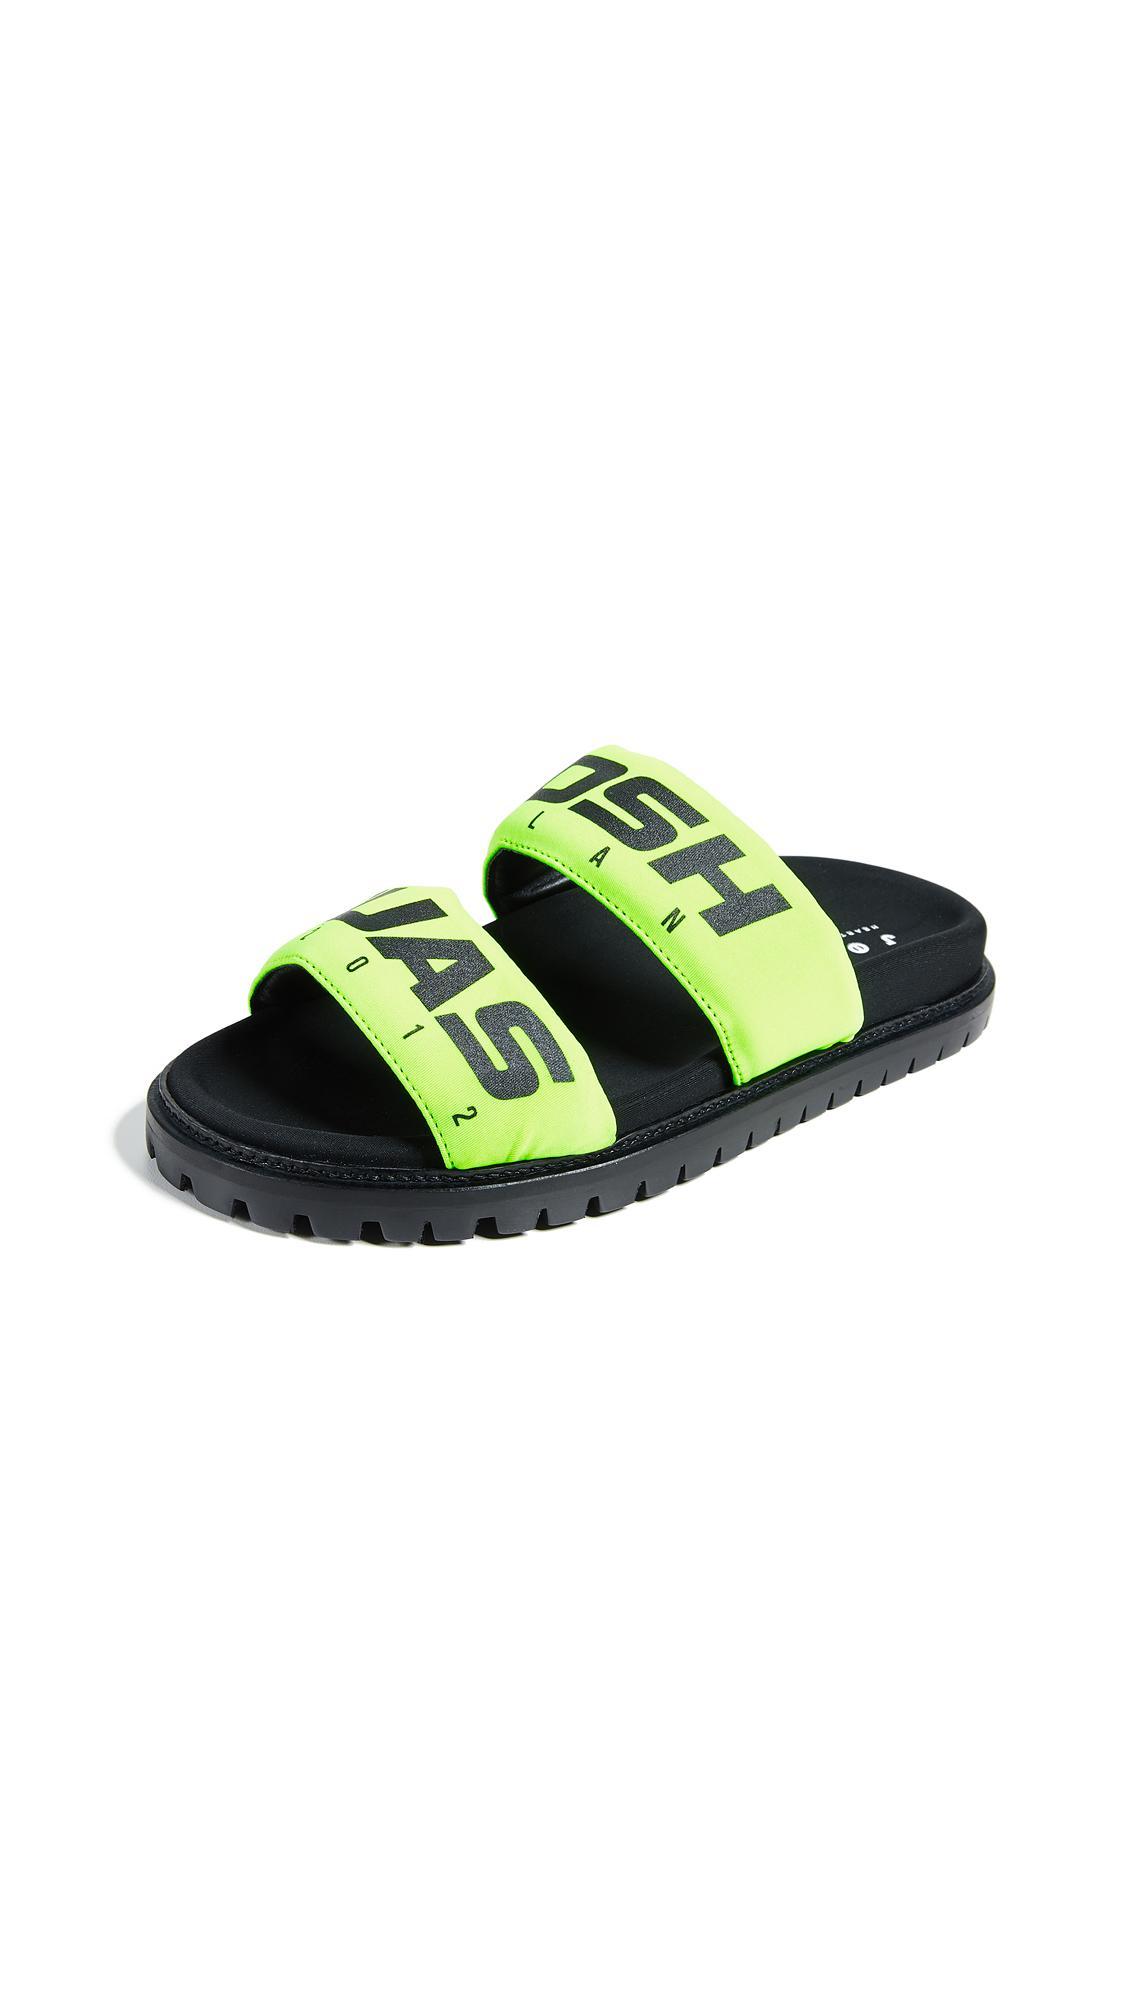 Joshua Sanders Racing Slide Sandals In Yellow Racing